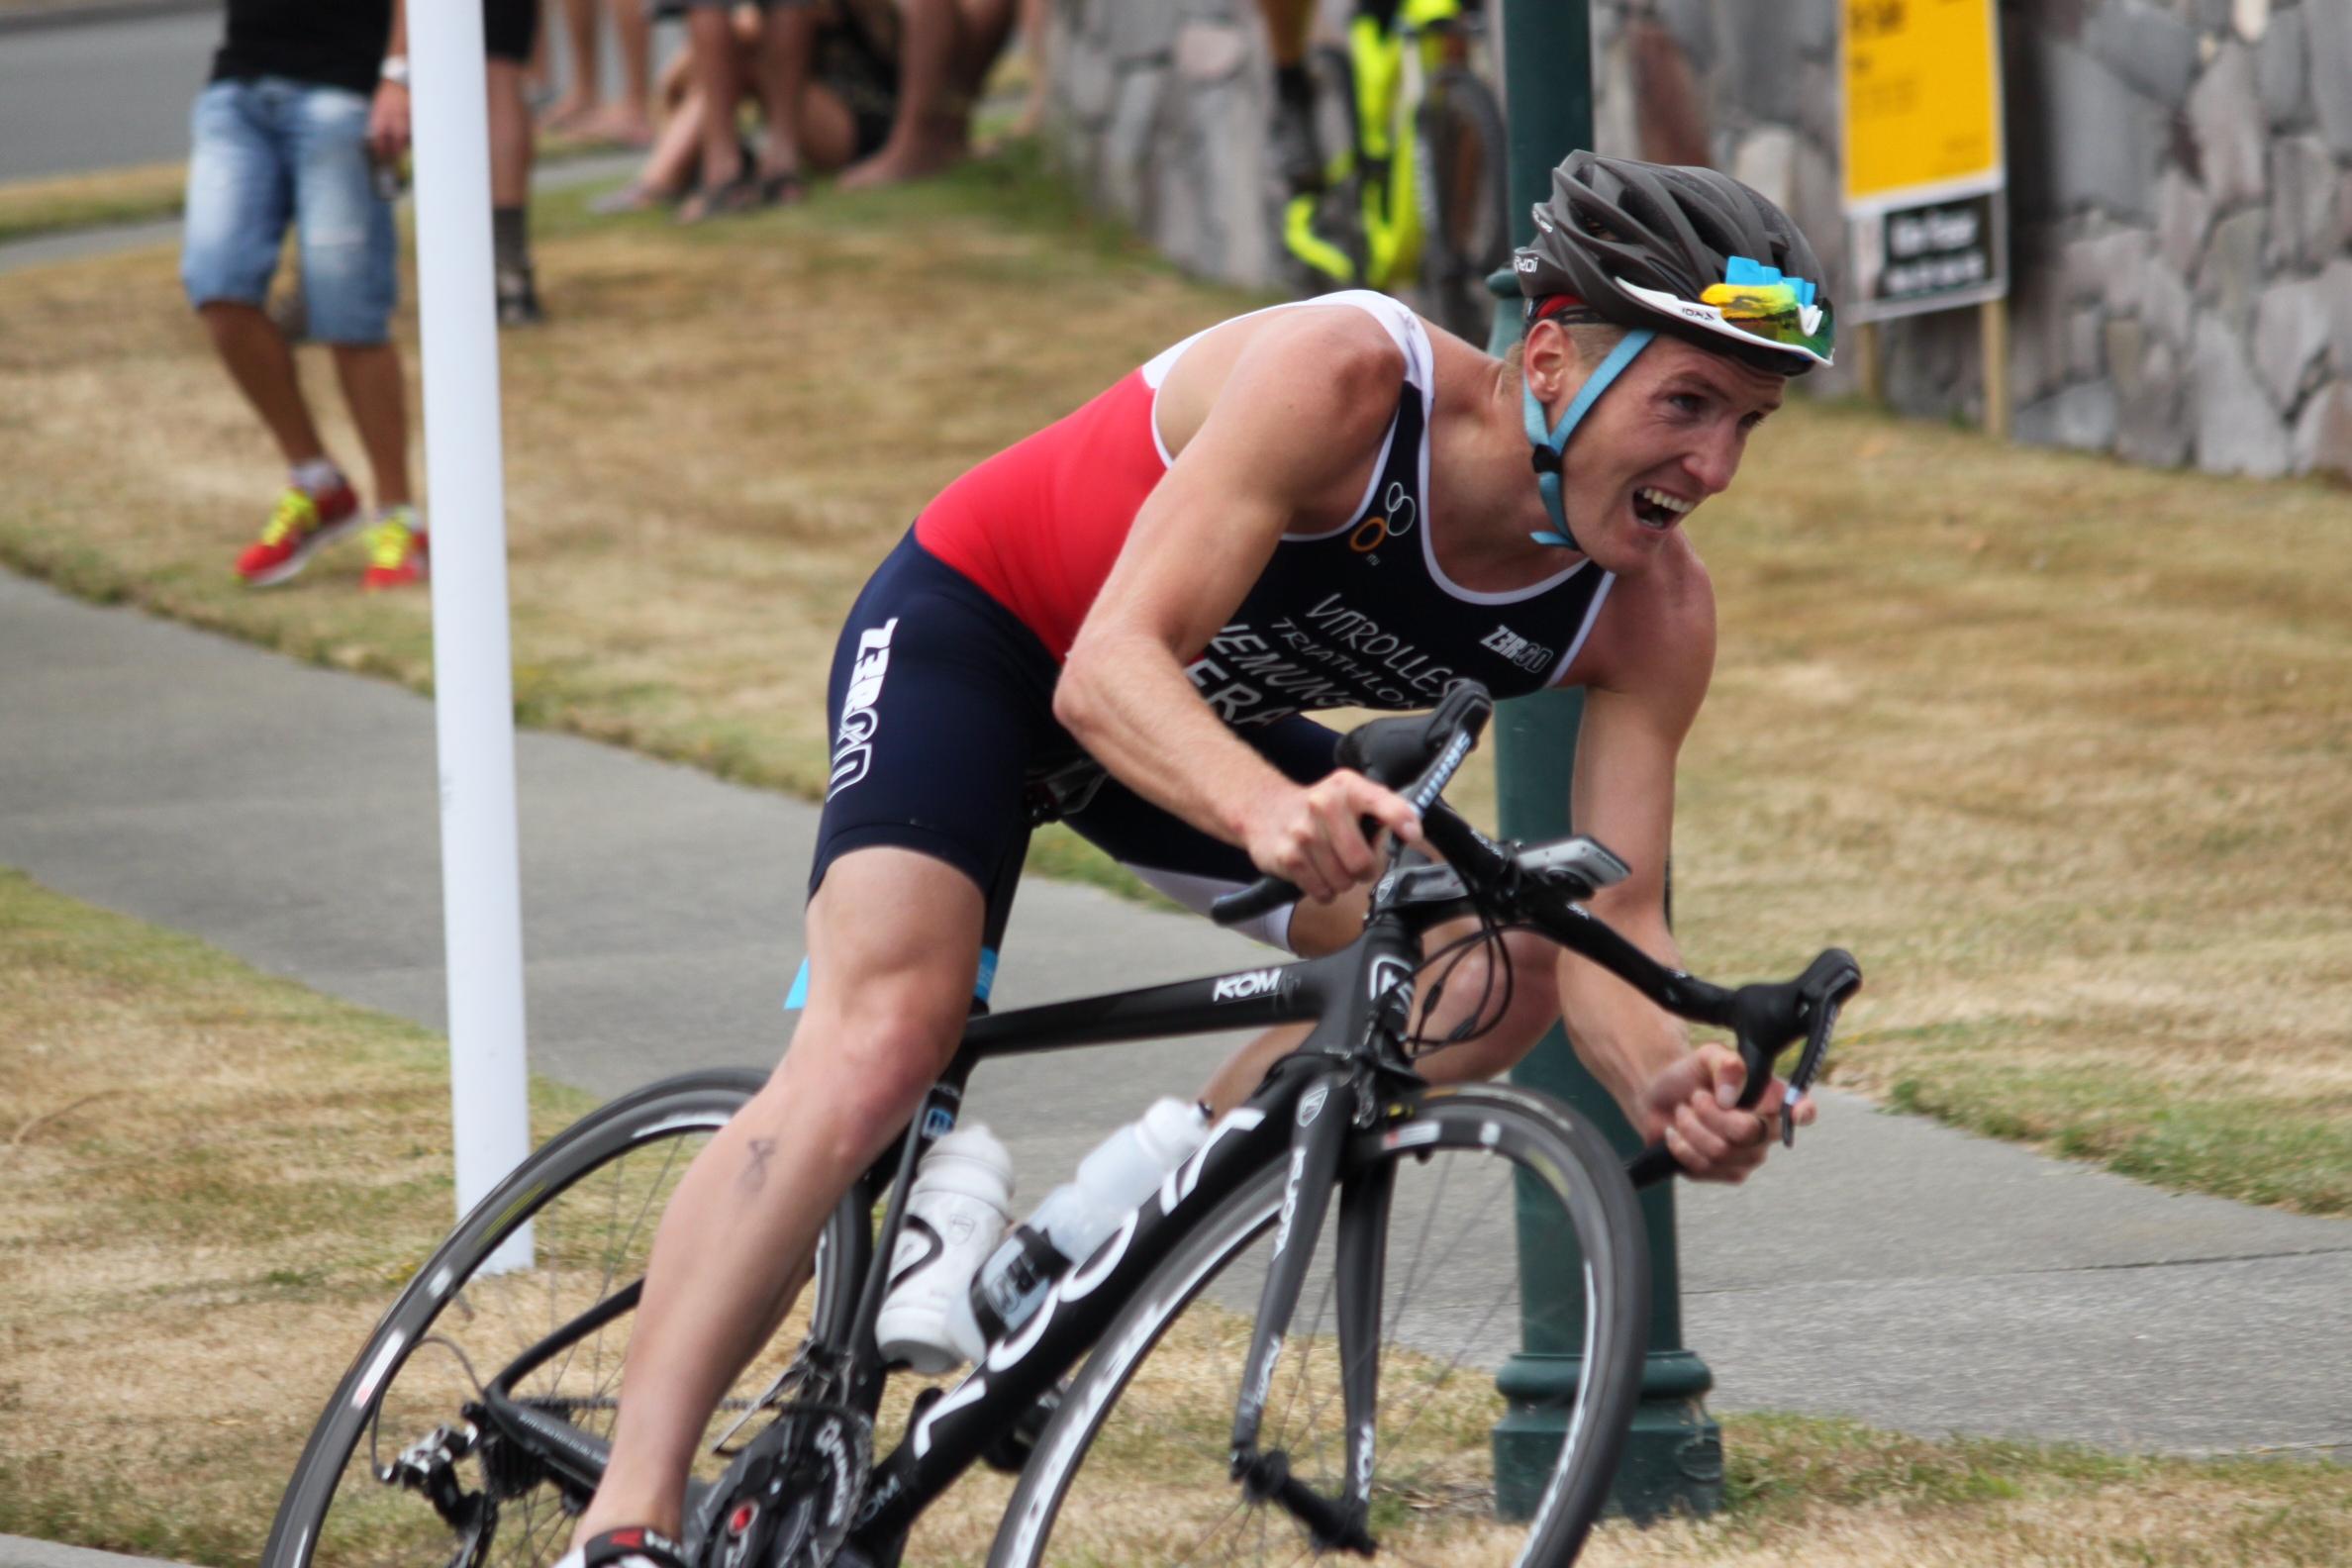 2014 Pegasus OTU Sprint Triathlon Oceania Cup